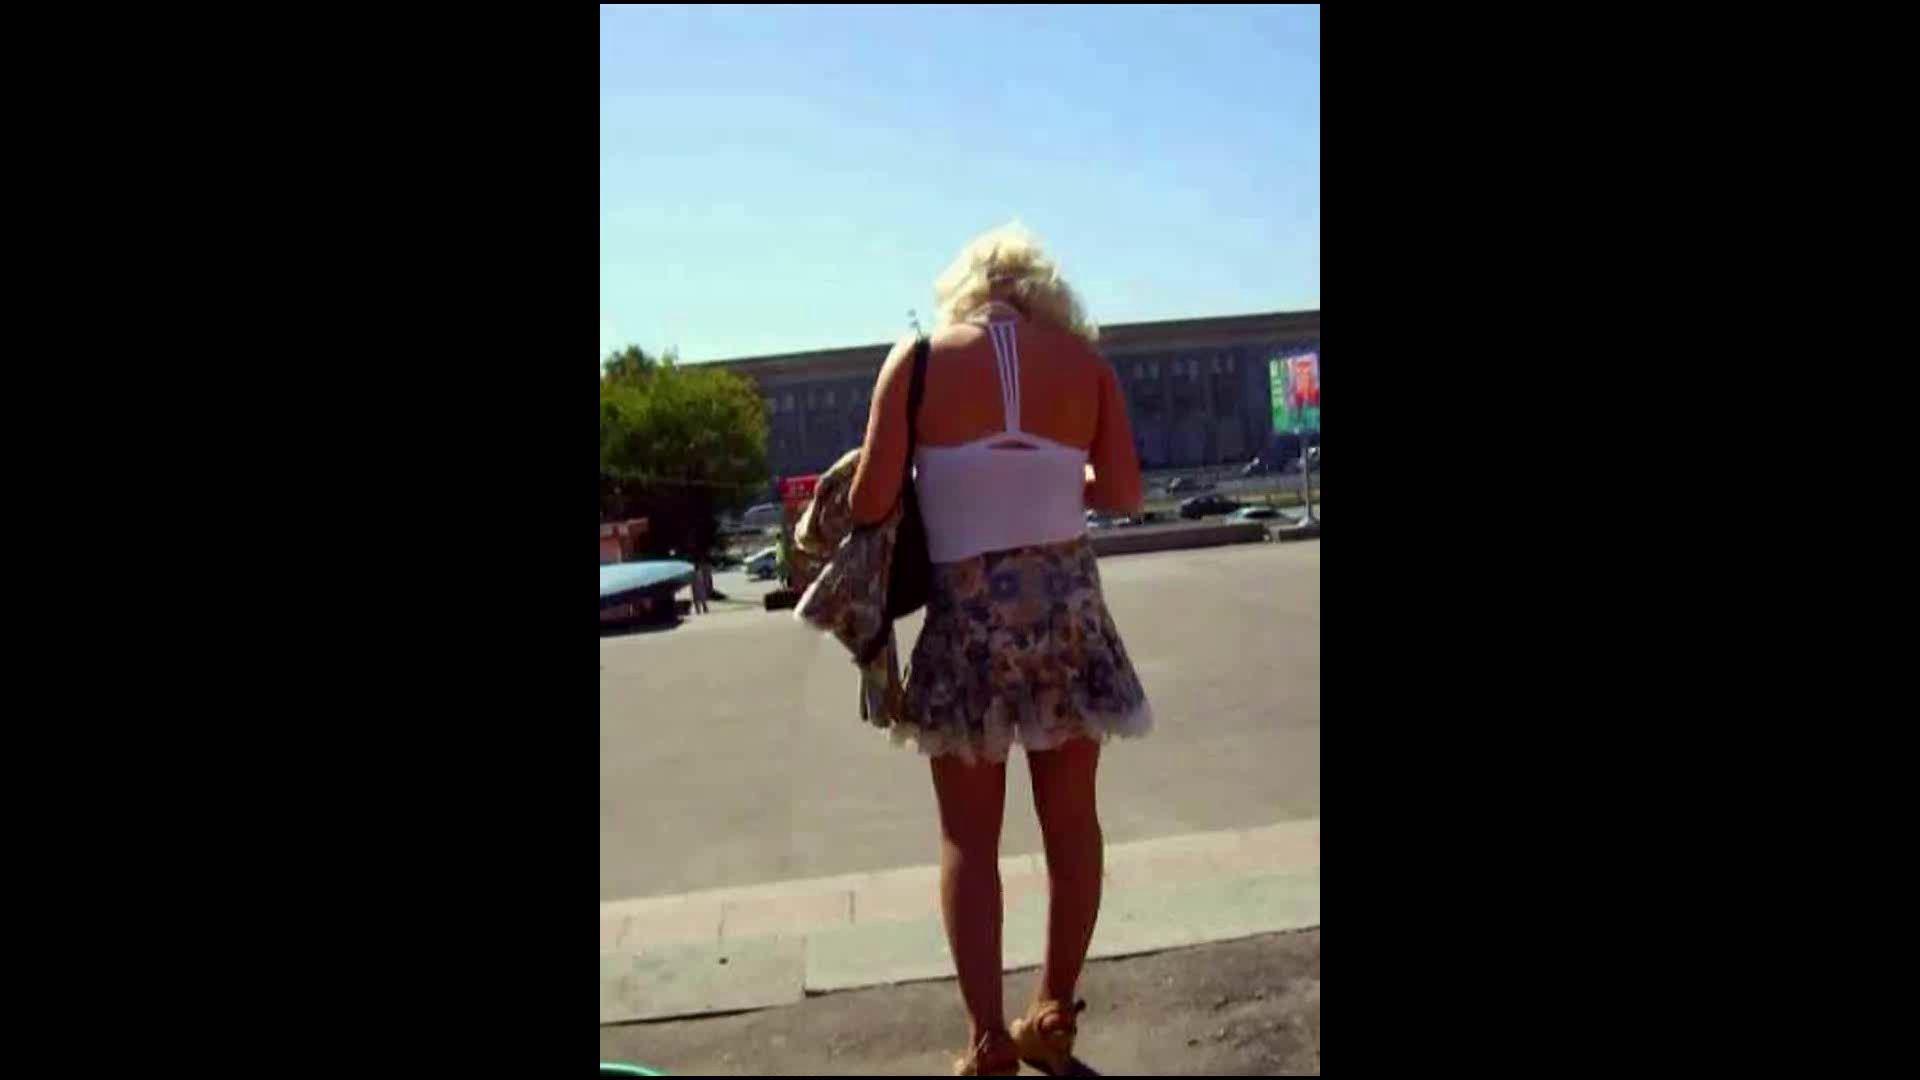 綺麗なモデルさんのスカート捲っちゃおう‼vol04 お姉さん丸裸 | 美しいOLの裸体  82pic 55